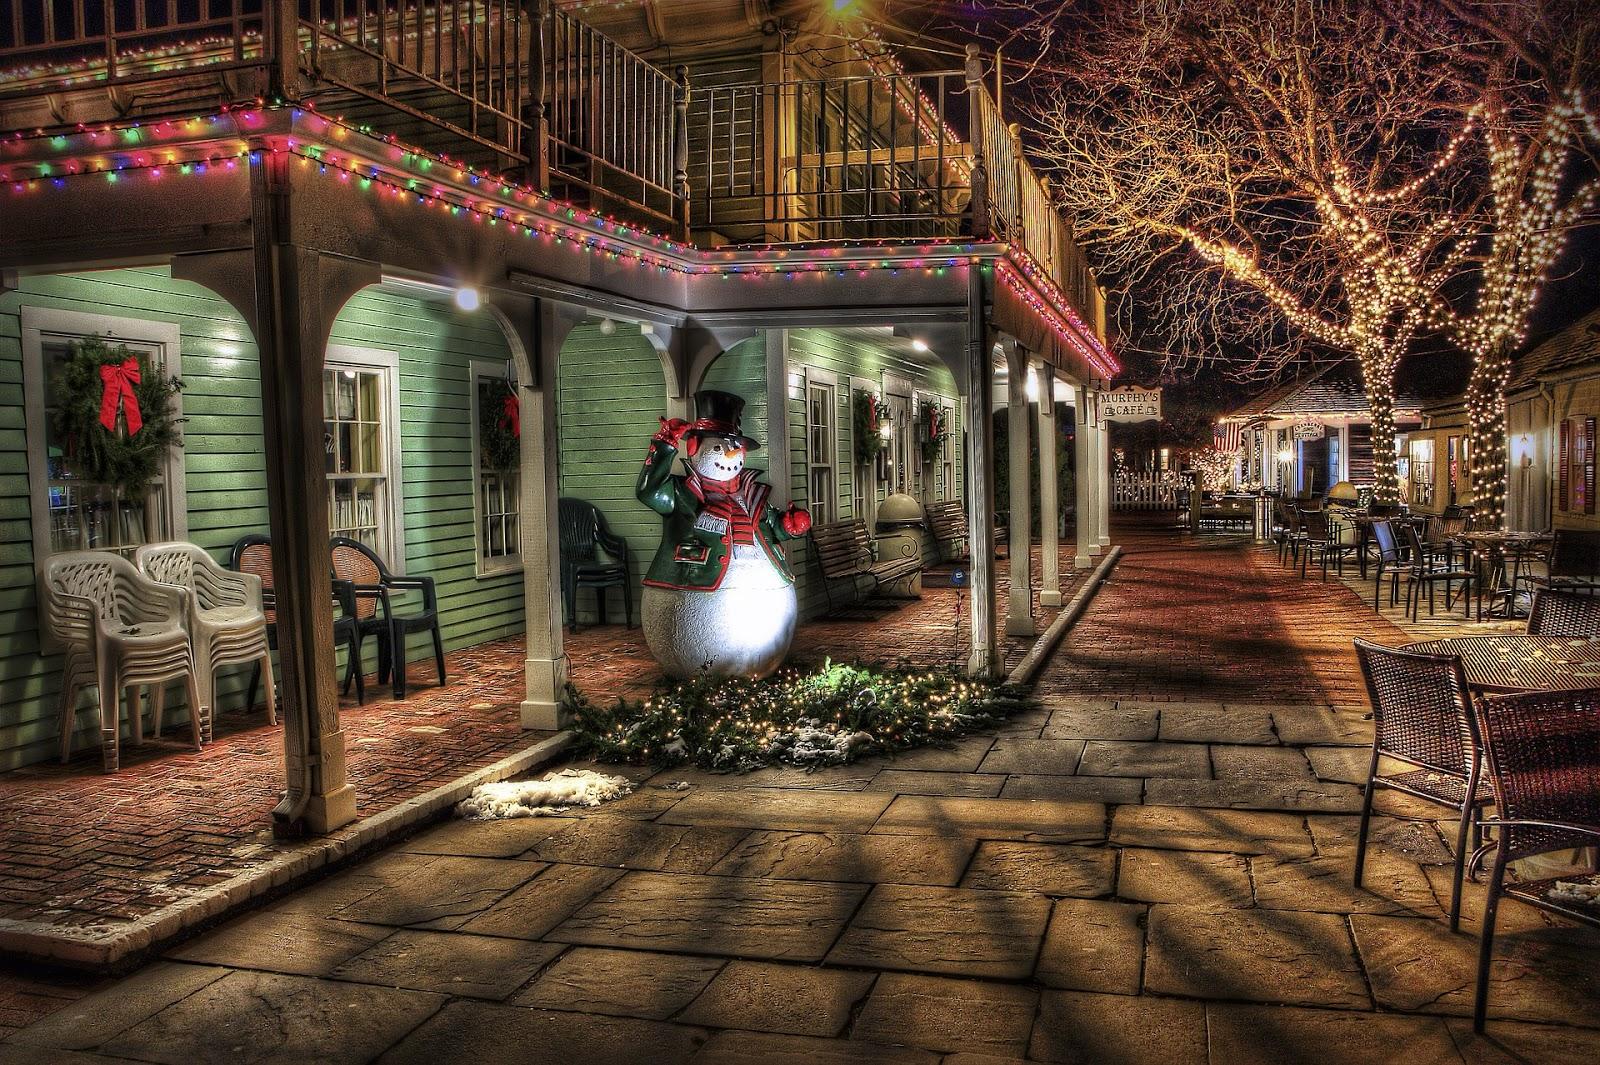 Amerikanische weihnachtsbeleuchtung haus im american style schm cken - Weihnachtsdeko amerikanisch ...